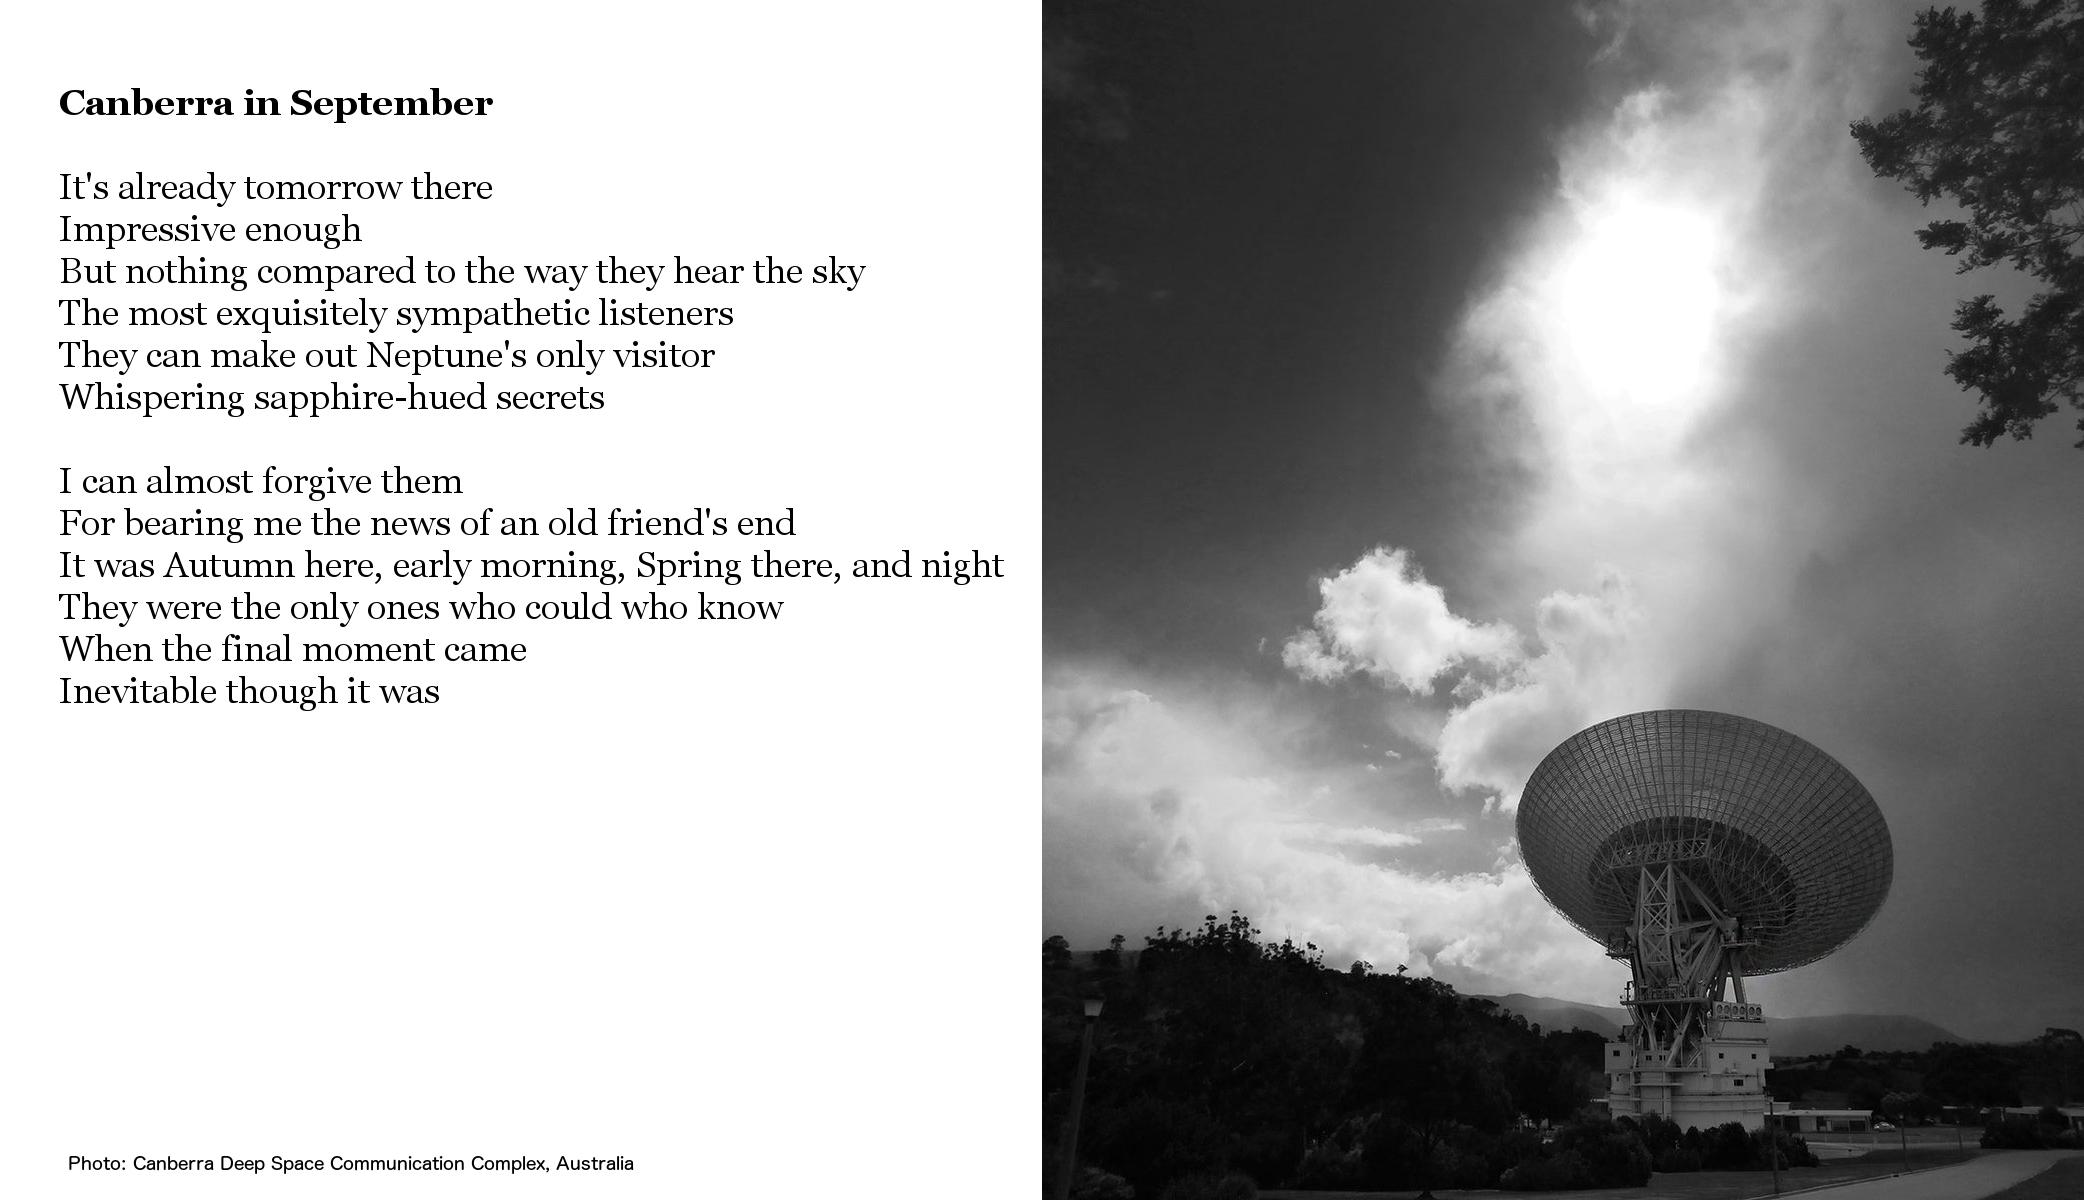 poem, photo of large radio dish